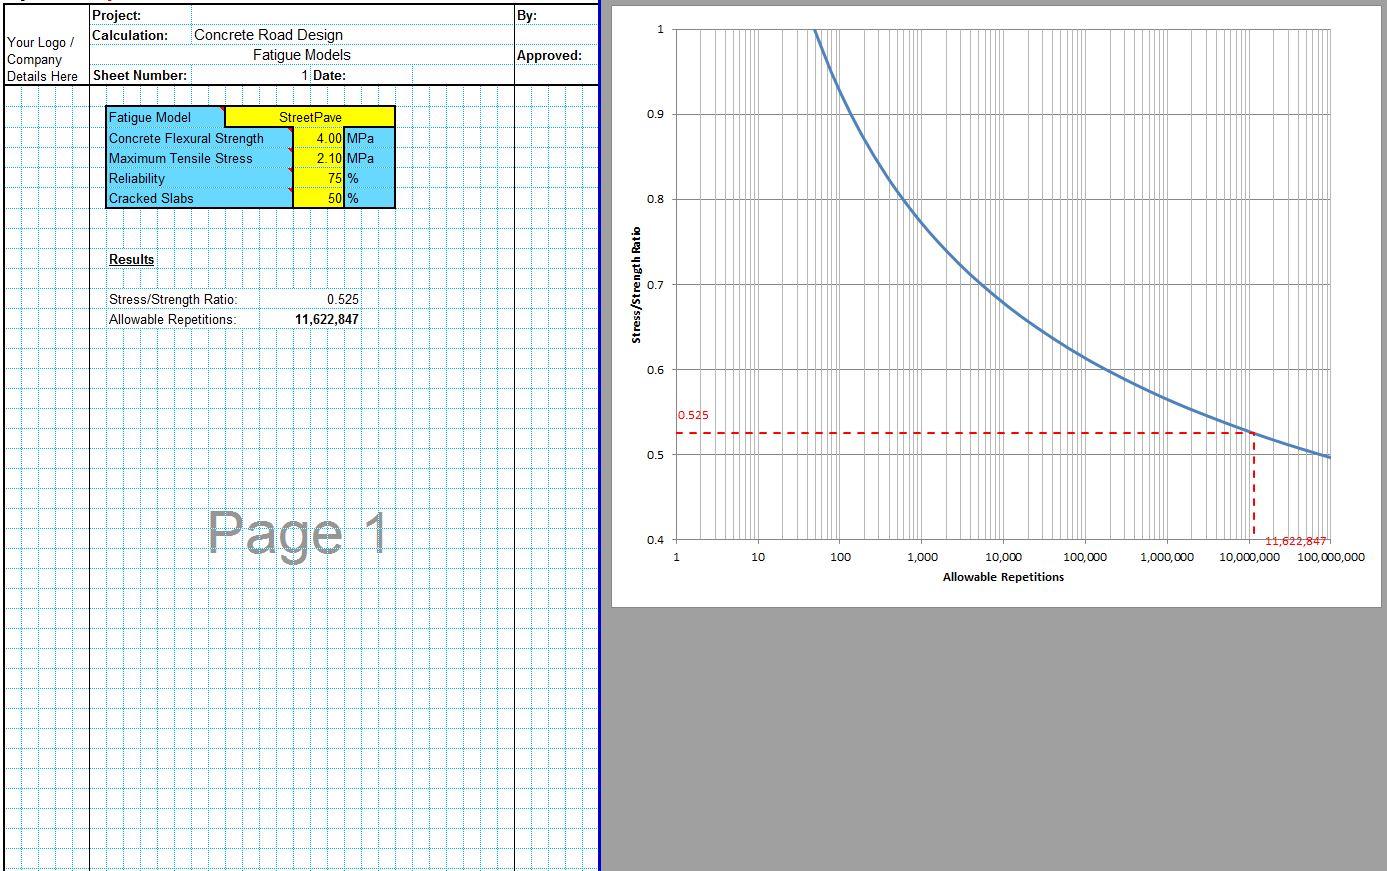 Concrete Pavement Design Fatigue Models Spreadsheet